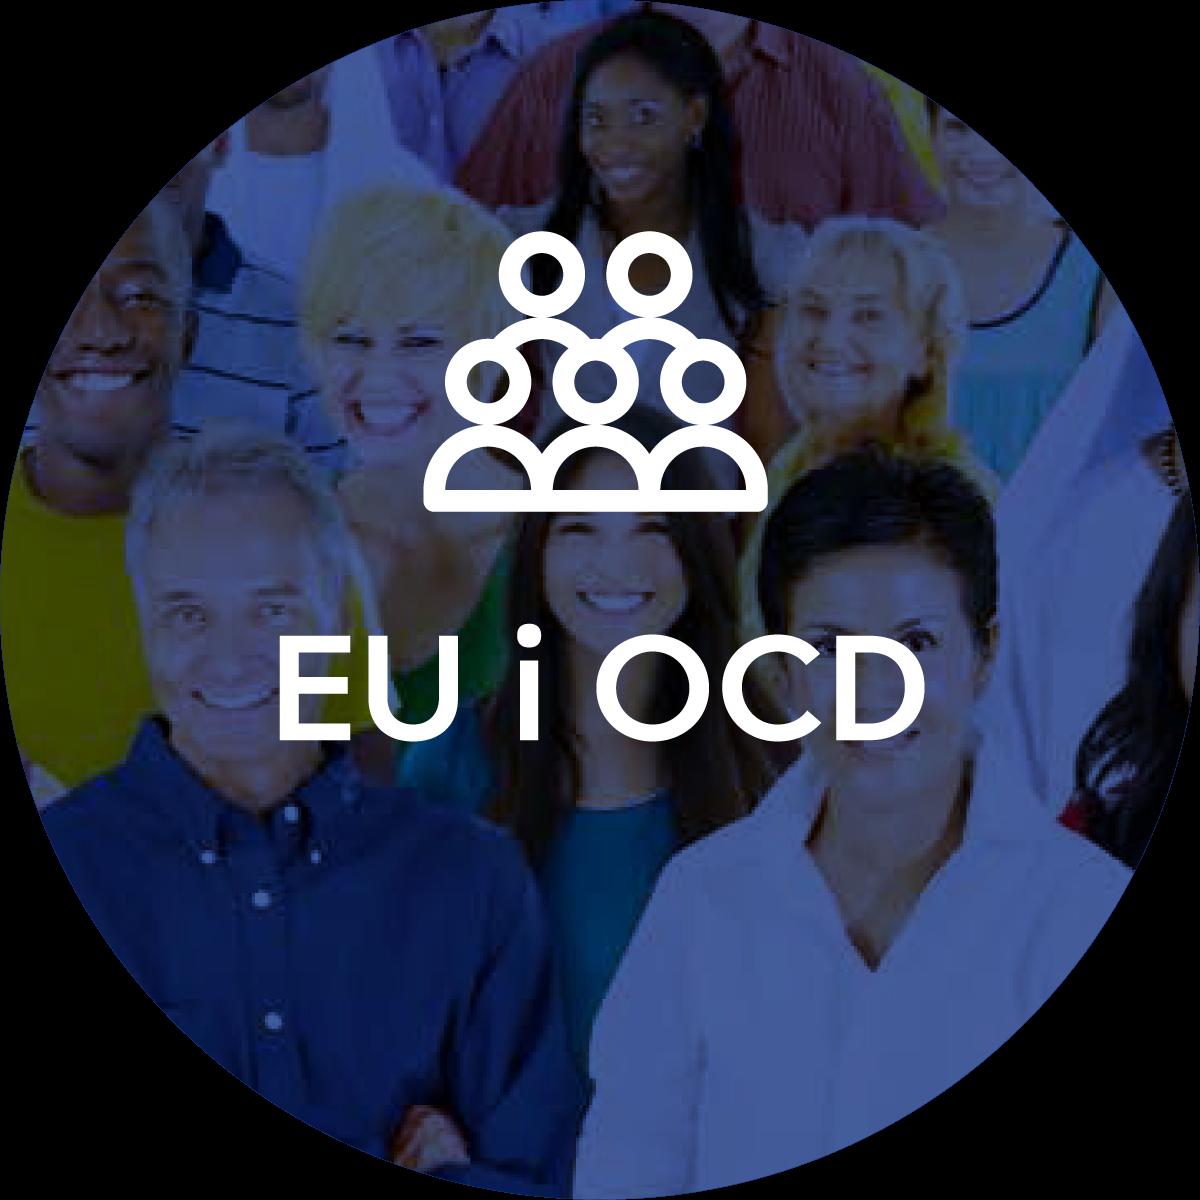 EU i OCD.